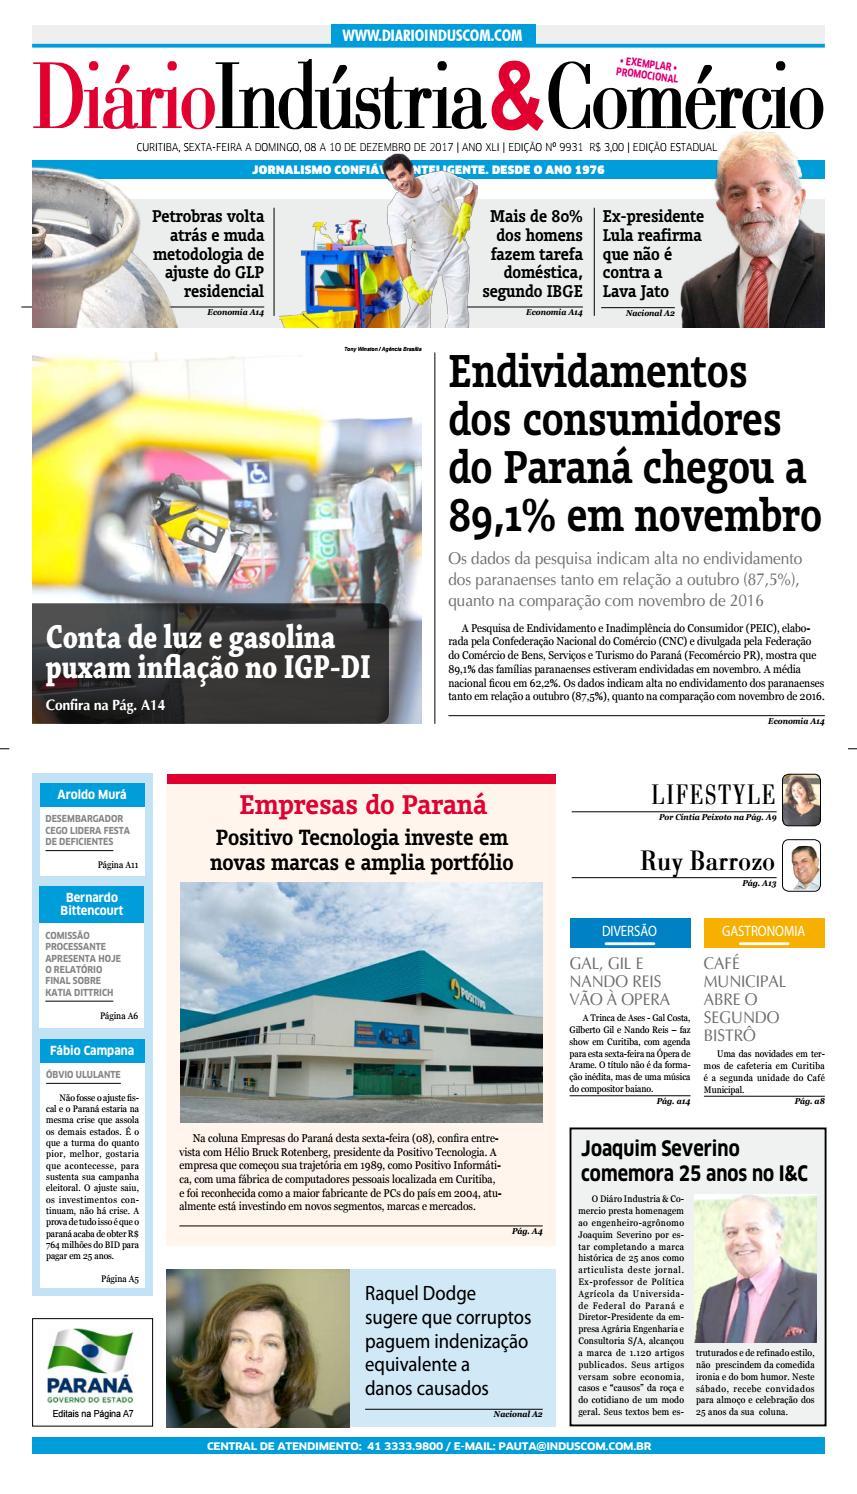 Diário Indústria Comércio - 08 de dezembro de 2017 by Diário Indústria    Comércio - issuu 1637b0e62c